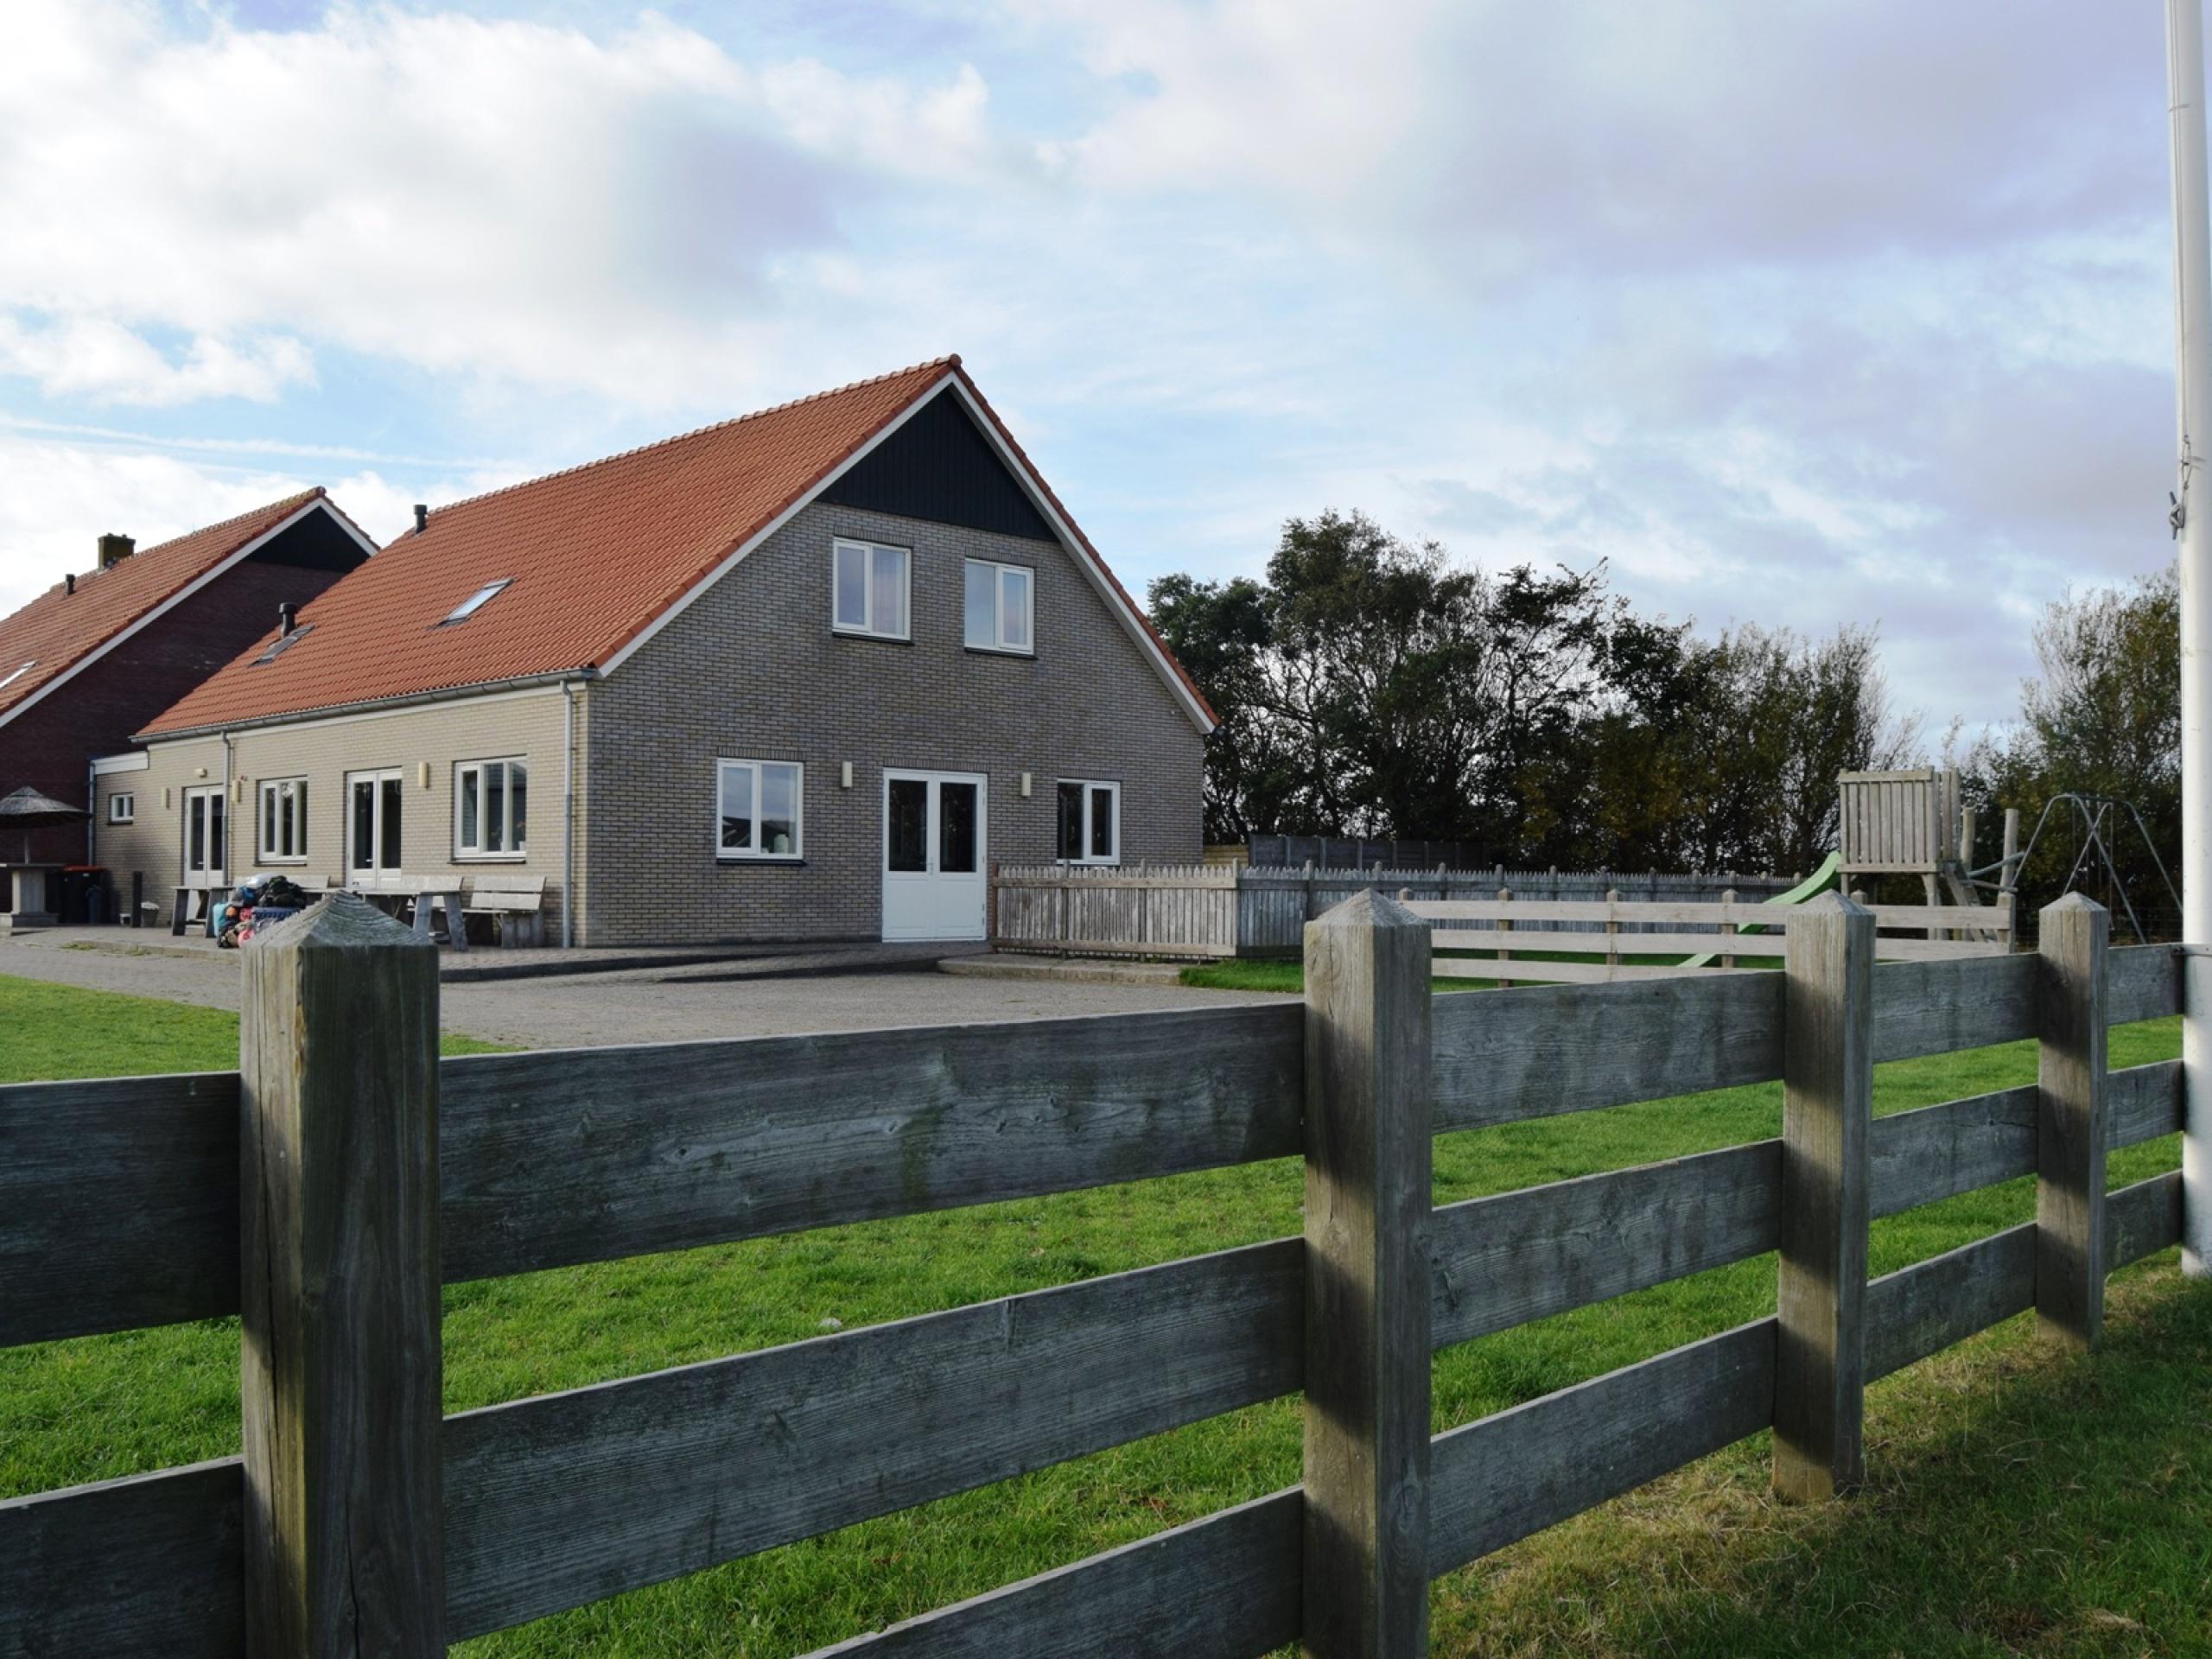 Komfortable Gruppenunterkunft ländlich gelegen bei Den Hoorn